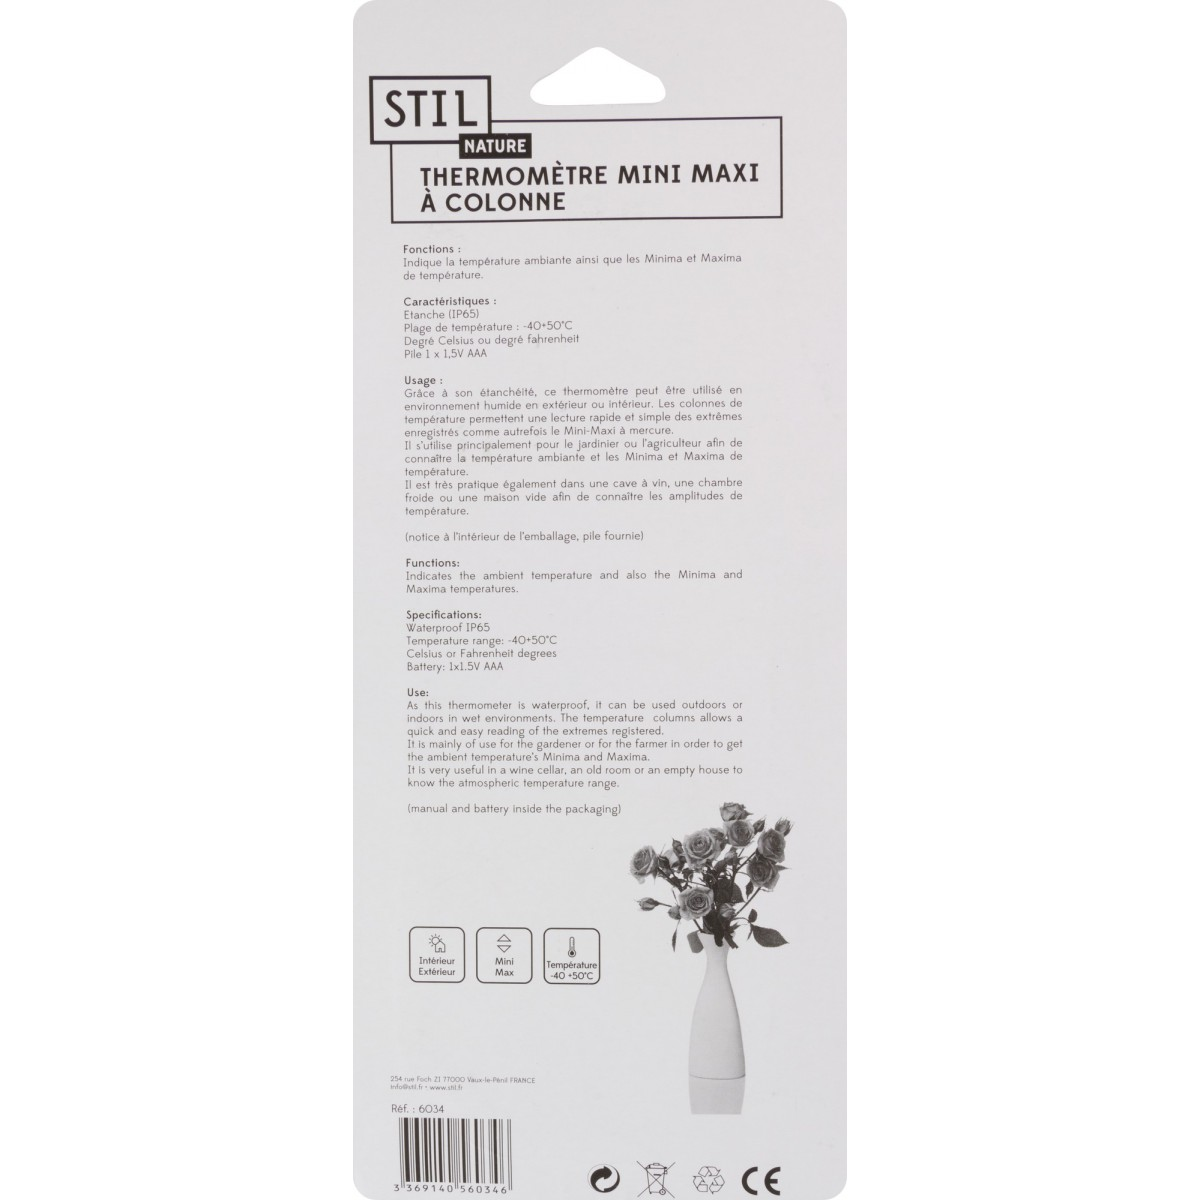 Thermomètre digital mini-maxi Stil